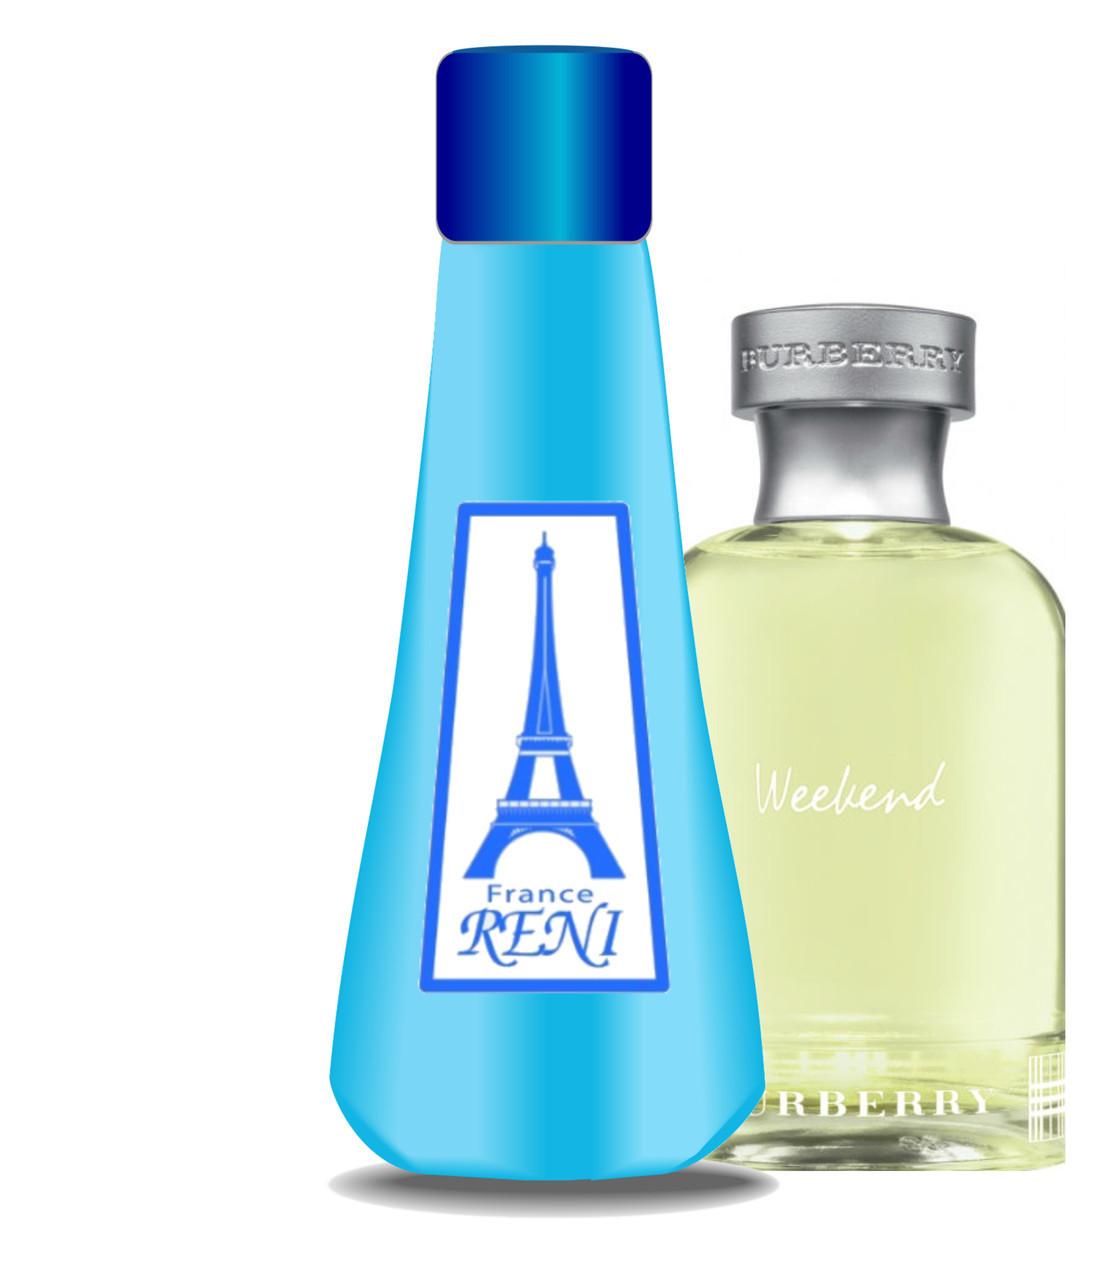 Духи на разлив «Weekend for Men Burberry» 100 ml - Наливная парфюмерия ―  купить aed3352f9af0b